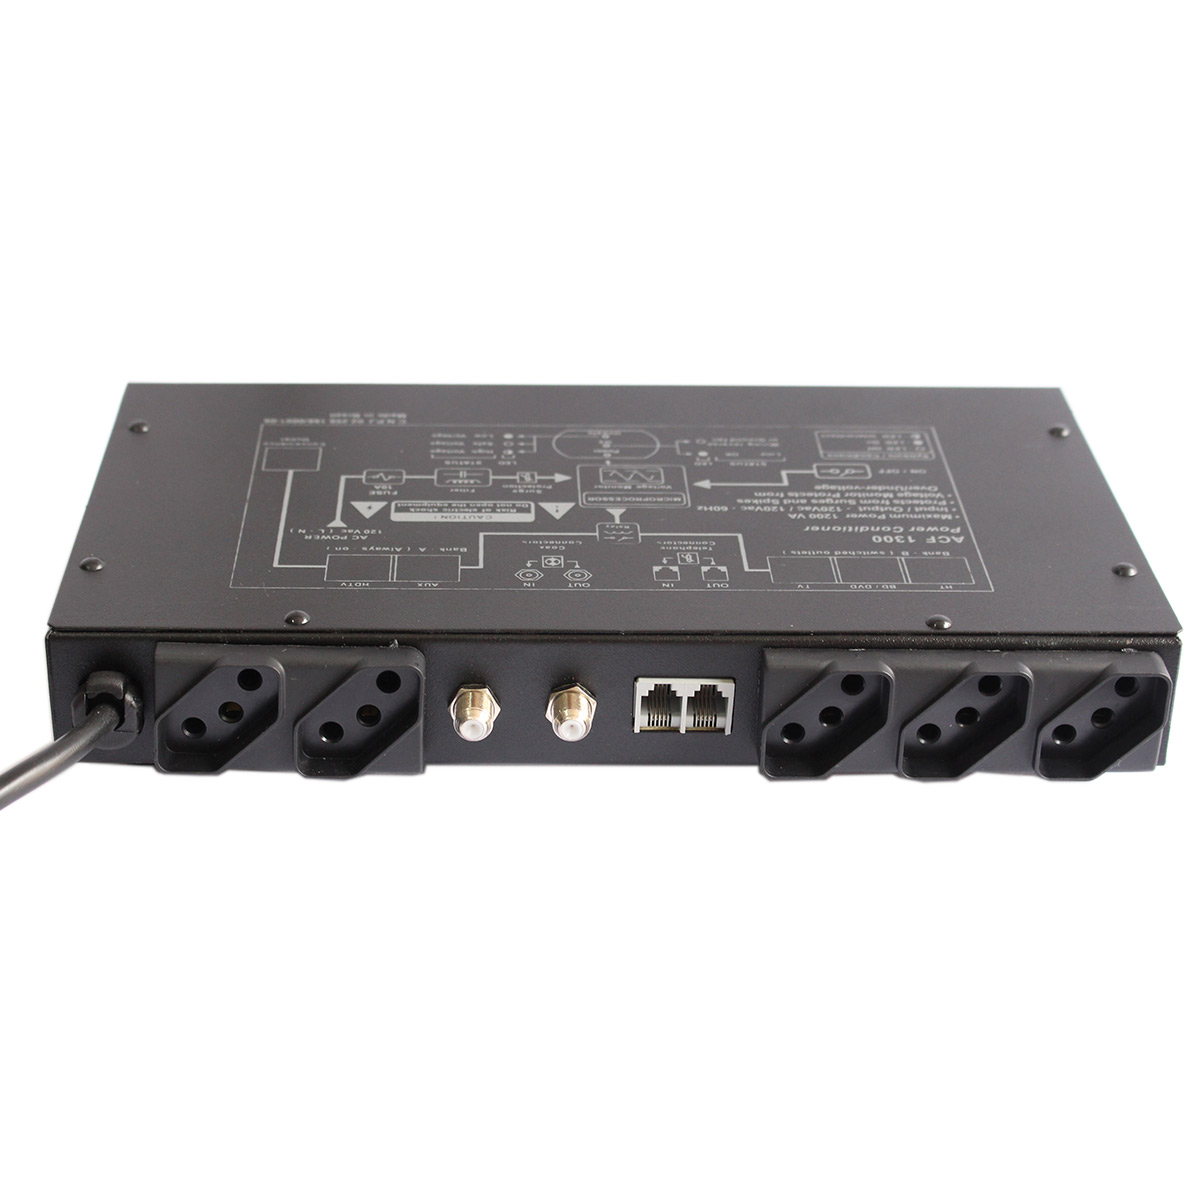 Condicionador de Energia 1200VA - ACF 1300 Upsai 110V